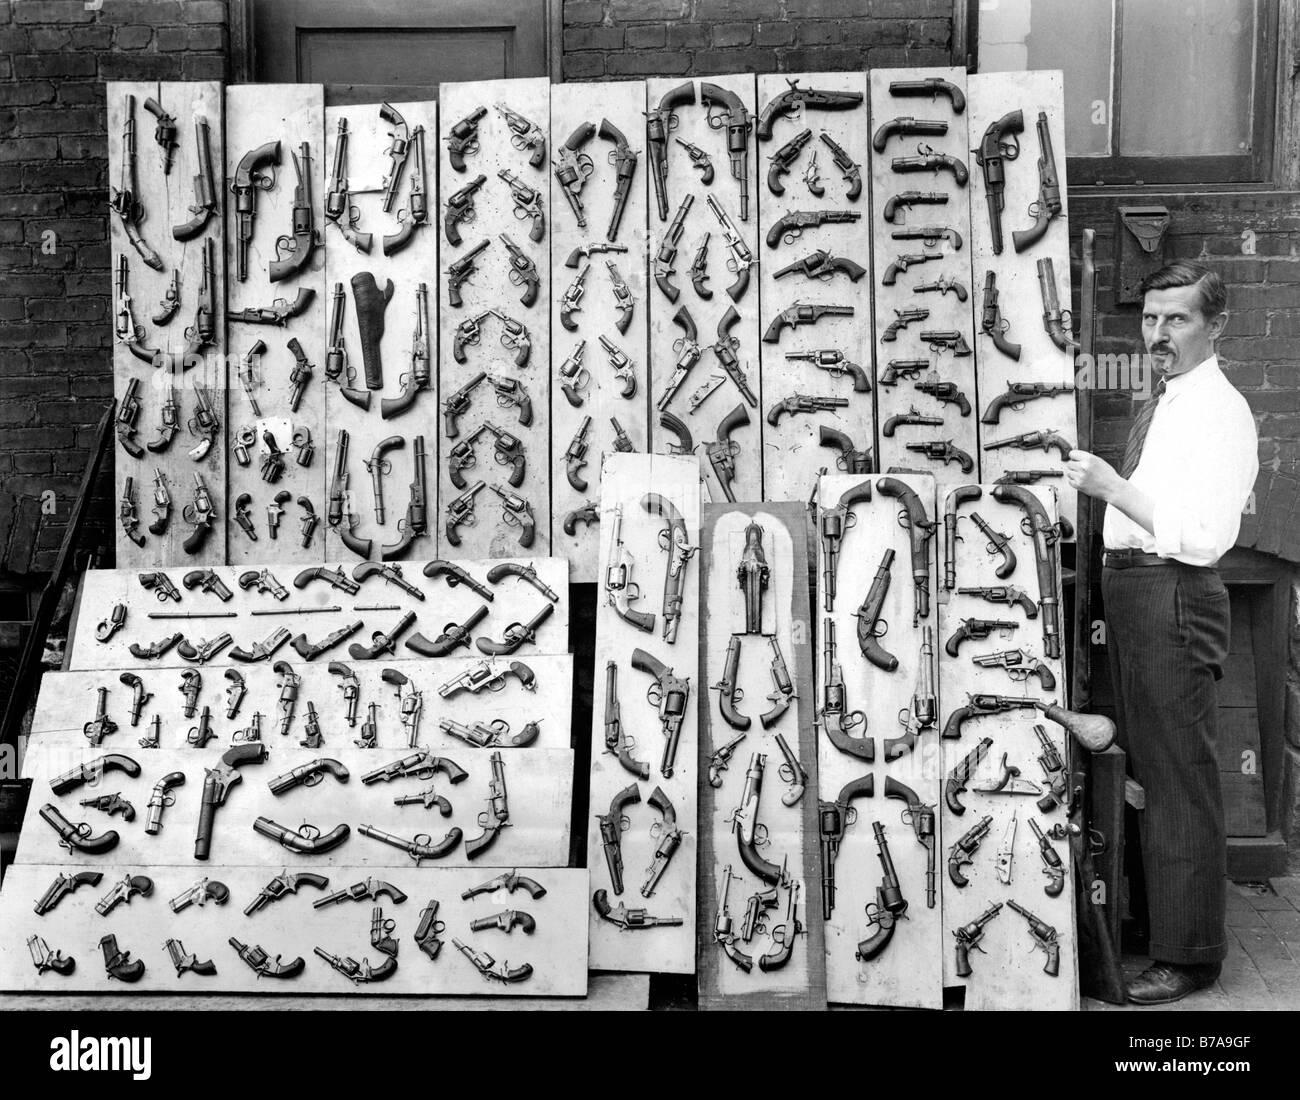 Historic picture, man selling guns, taken around 1920 - Stock Image